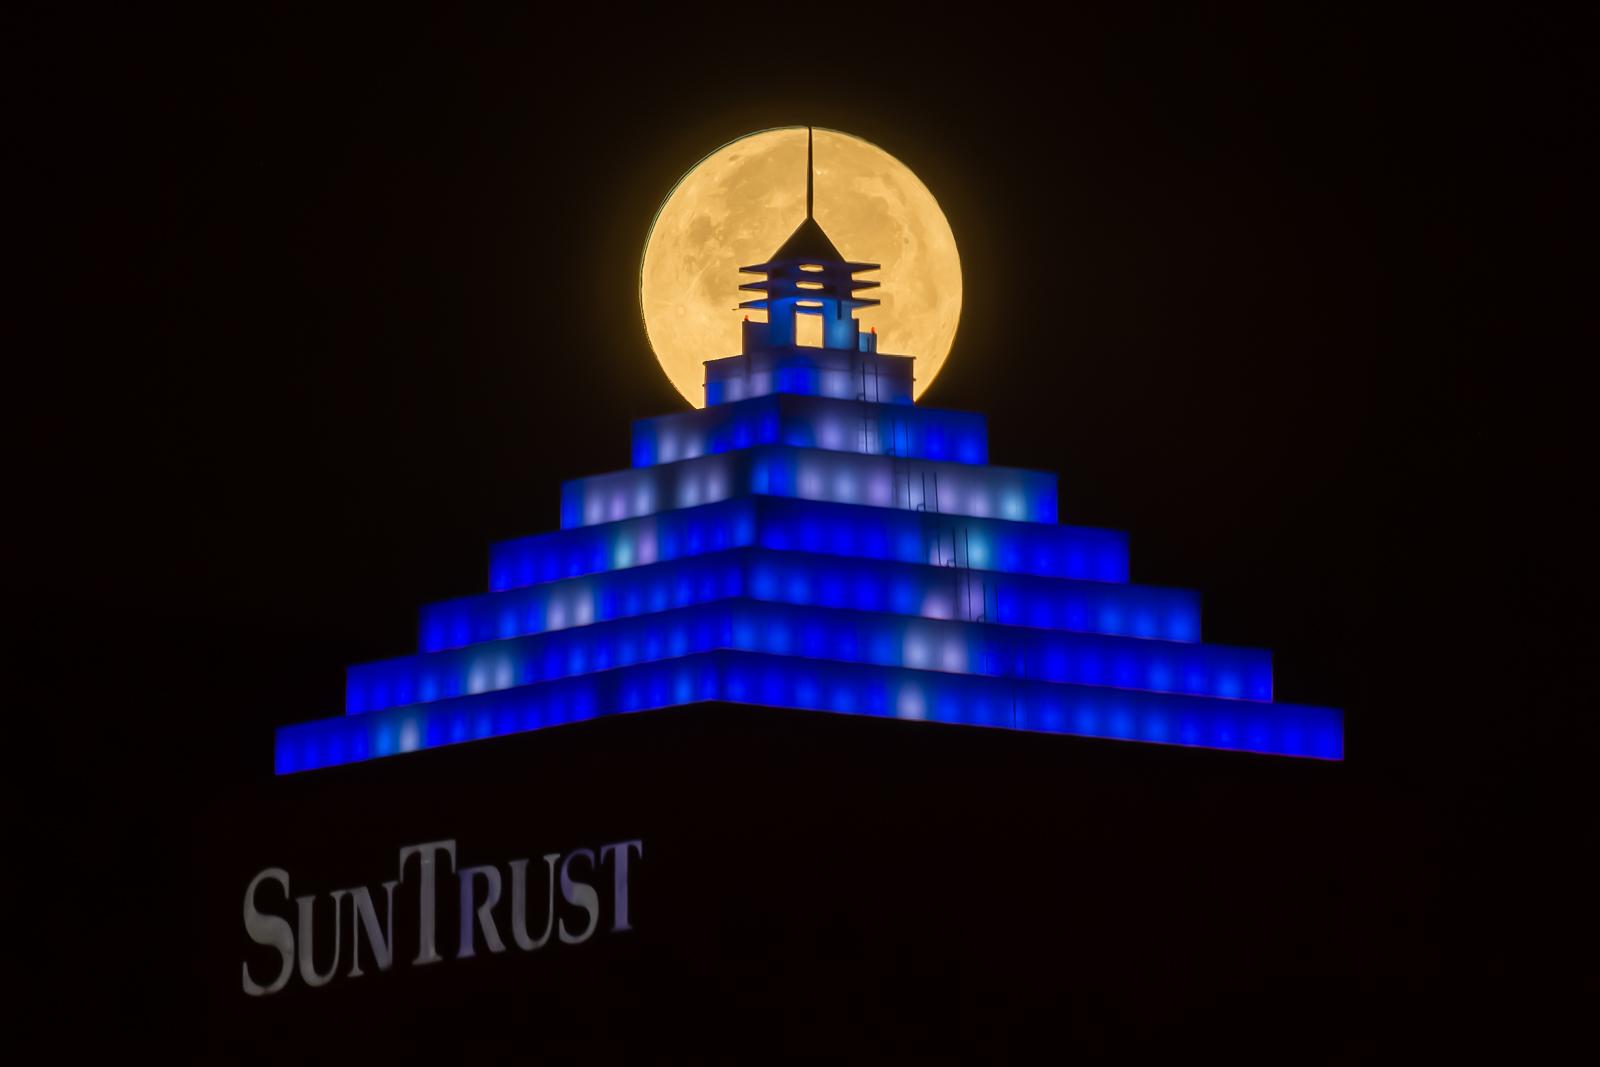 Supermoon on Suntrust Bolt